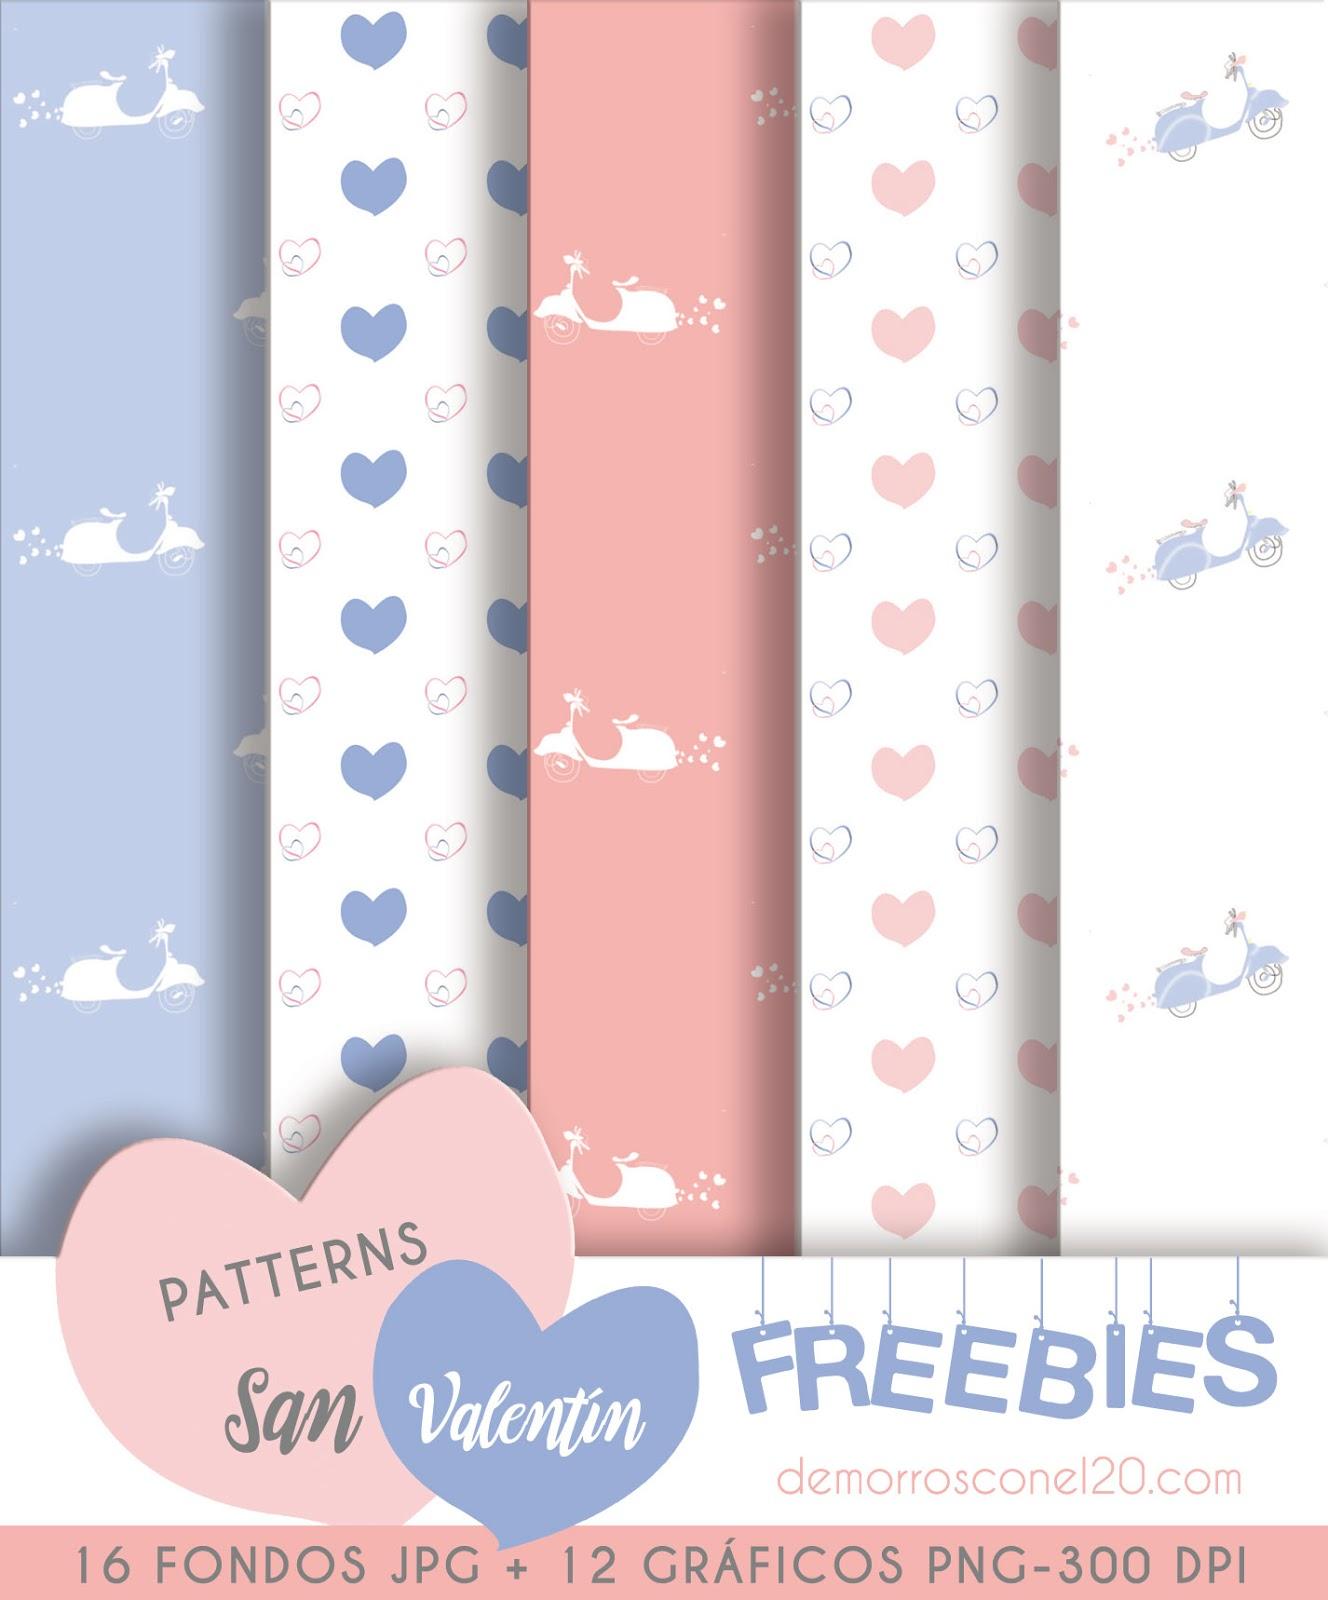 freebies-para-san-valentin